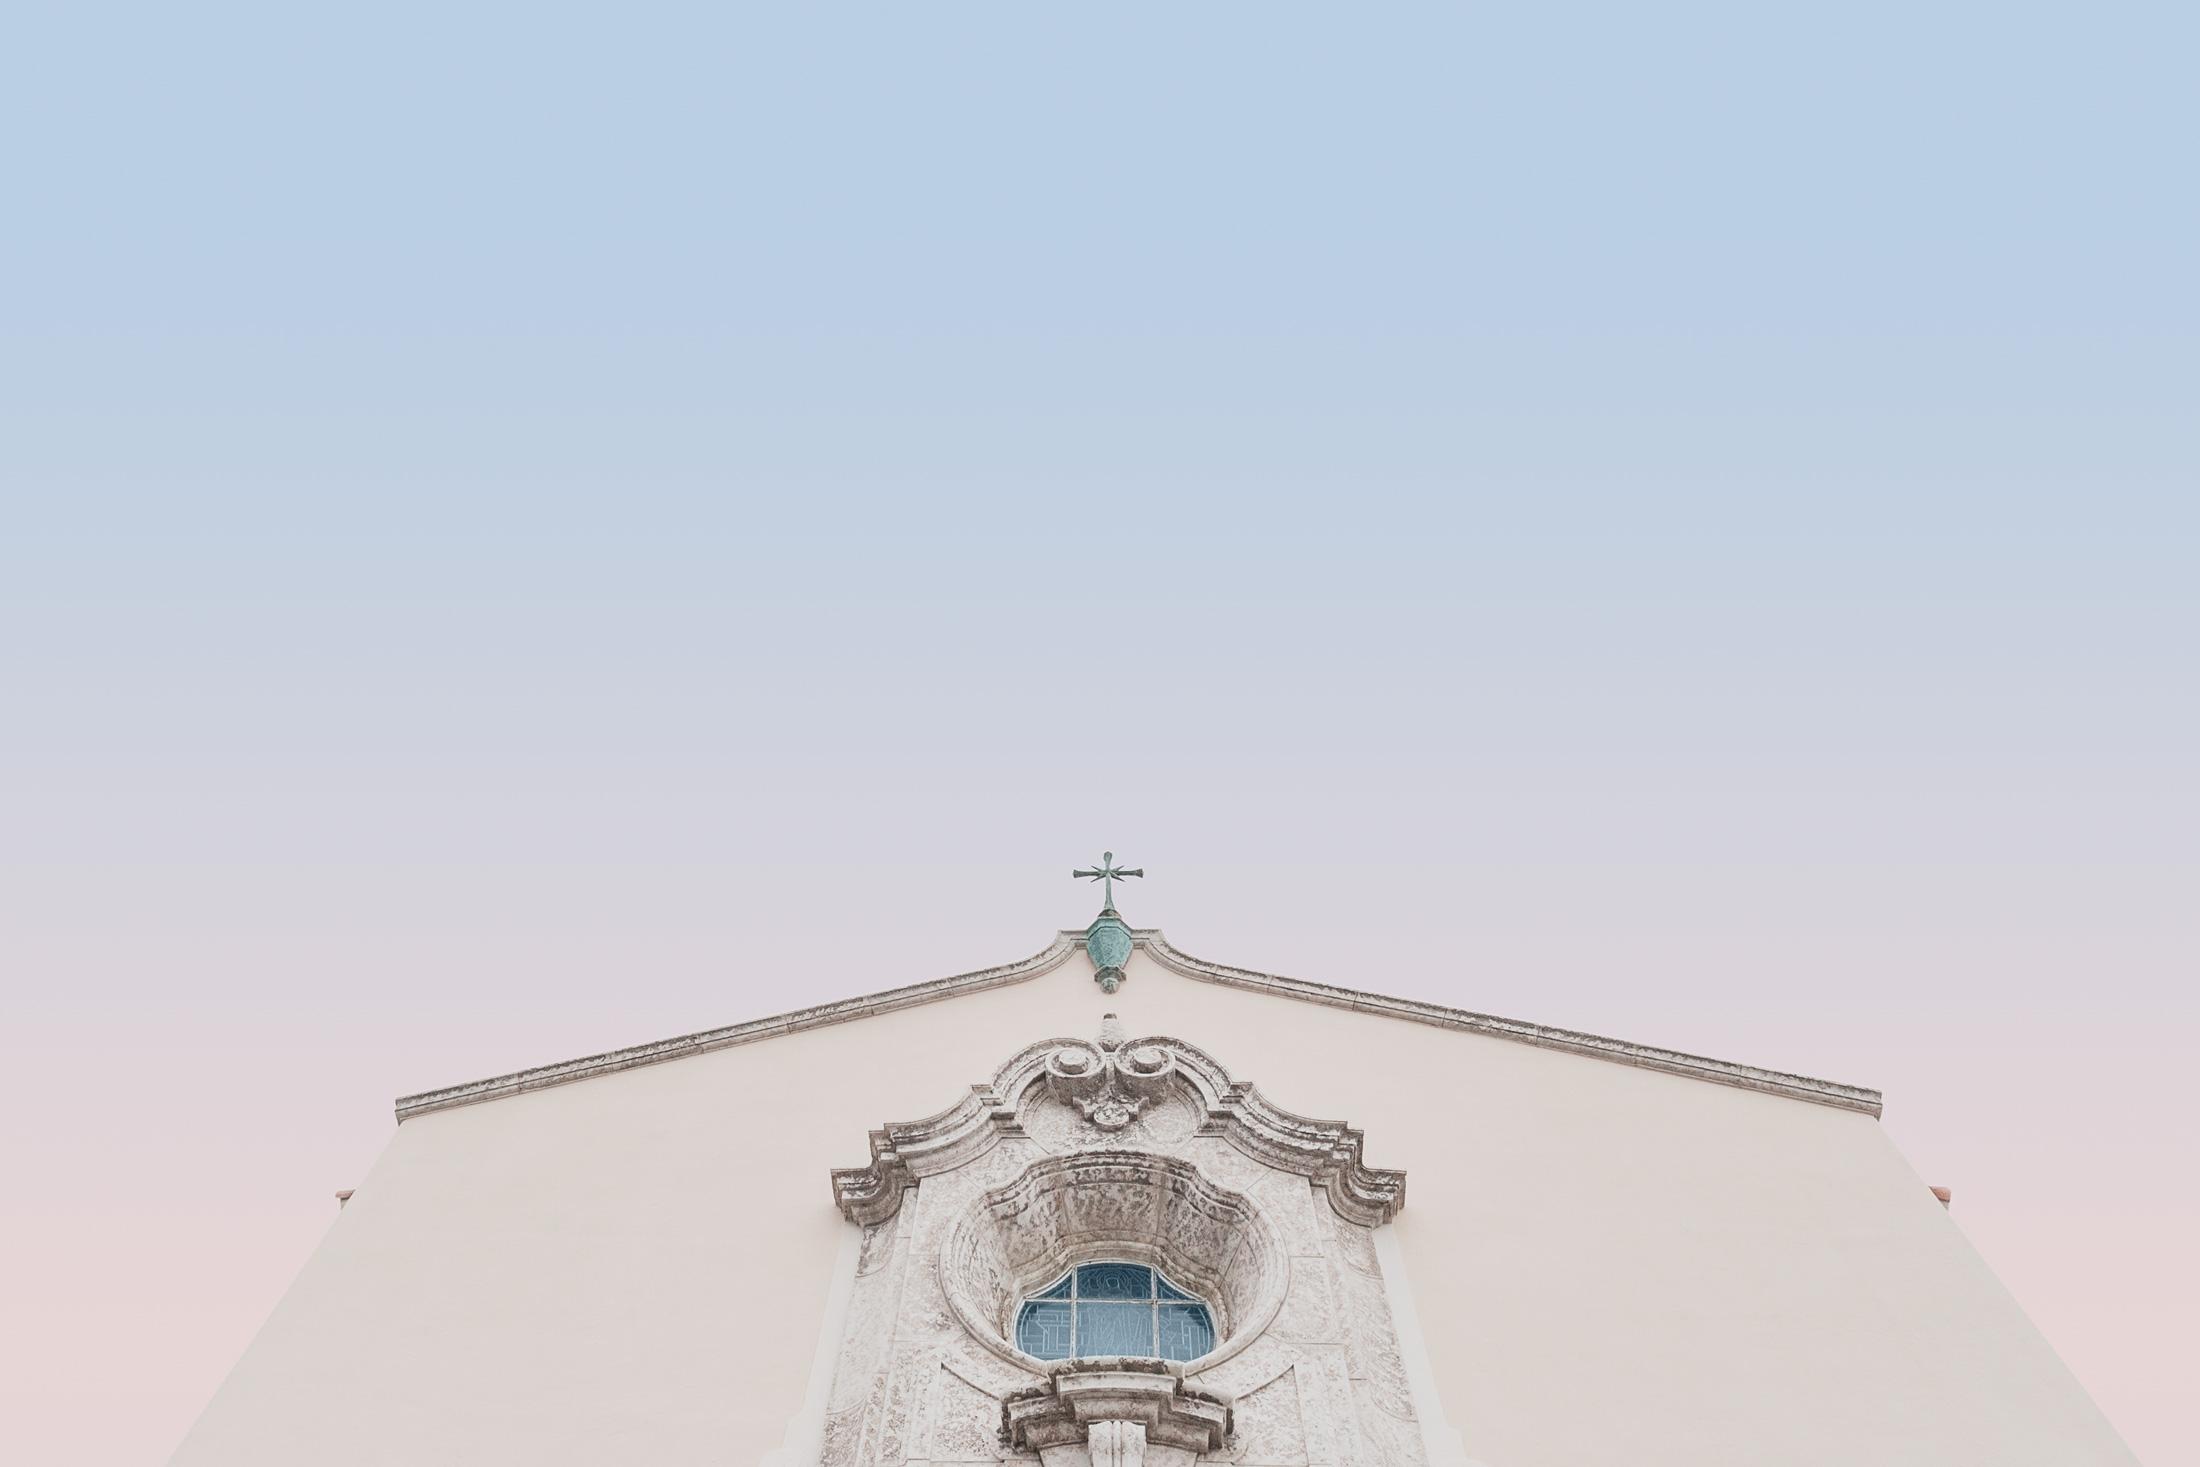 façade église contre plongée ciel dégradé